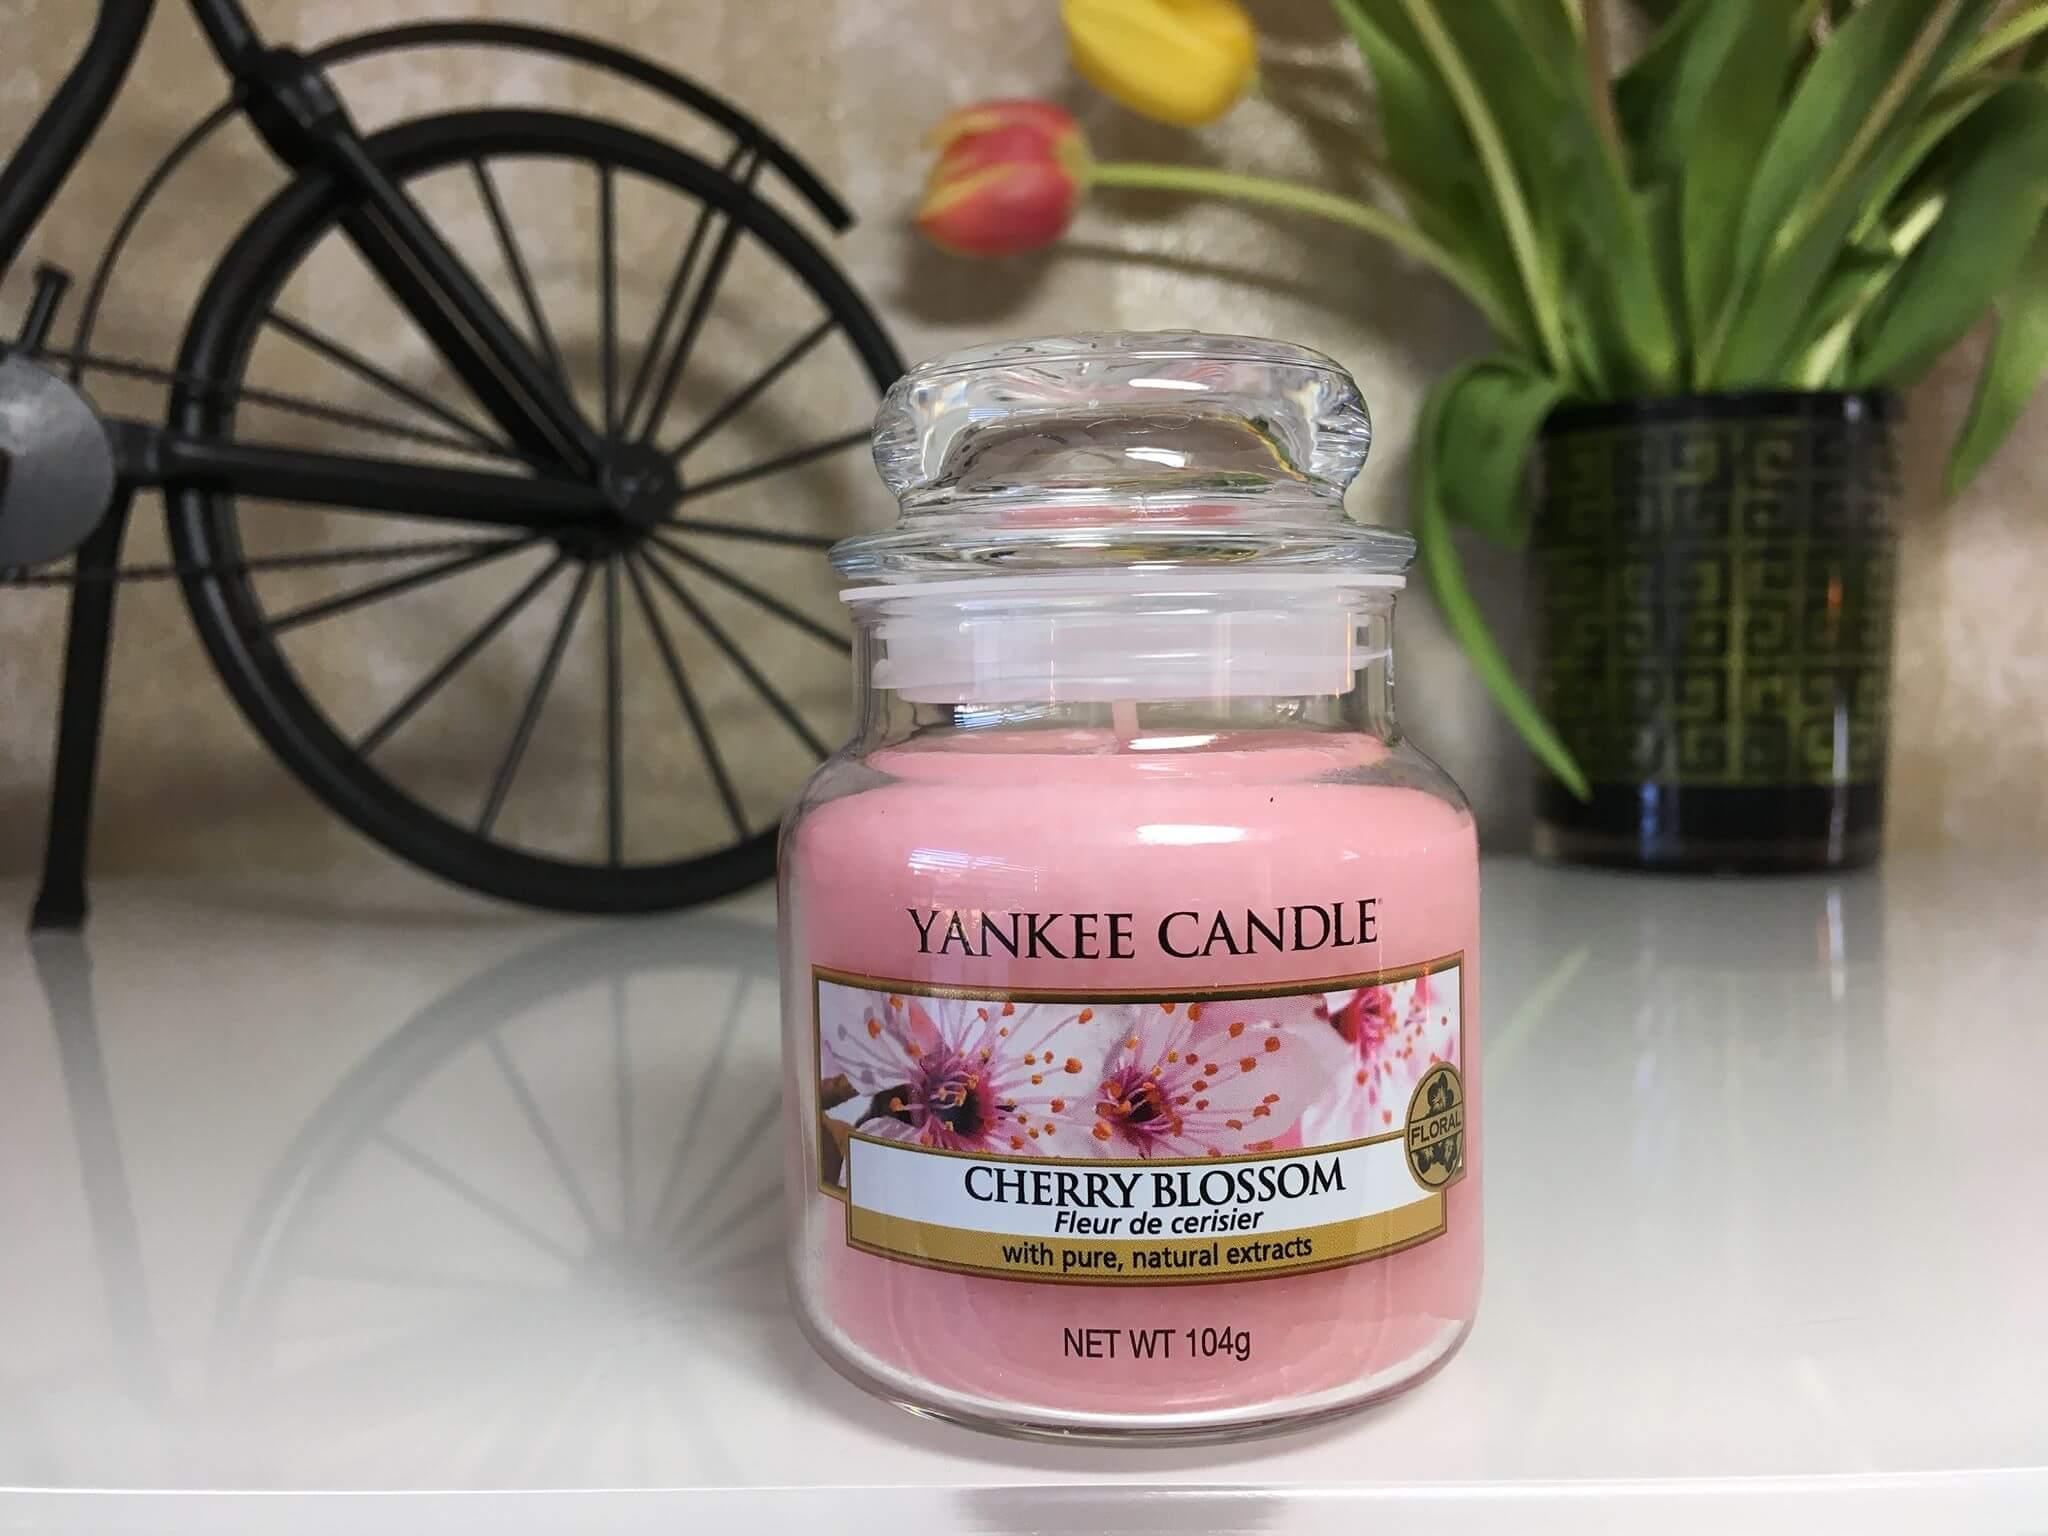 Prémiové sviečky Yankee Candle miluje celý svet: V čom sú také výnimočné?